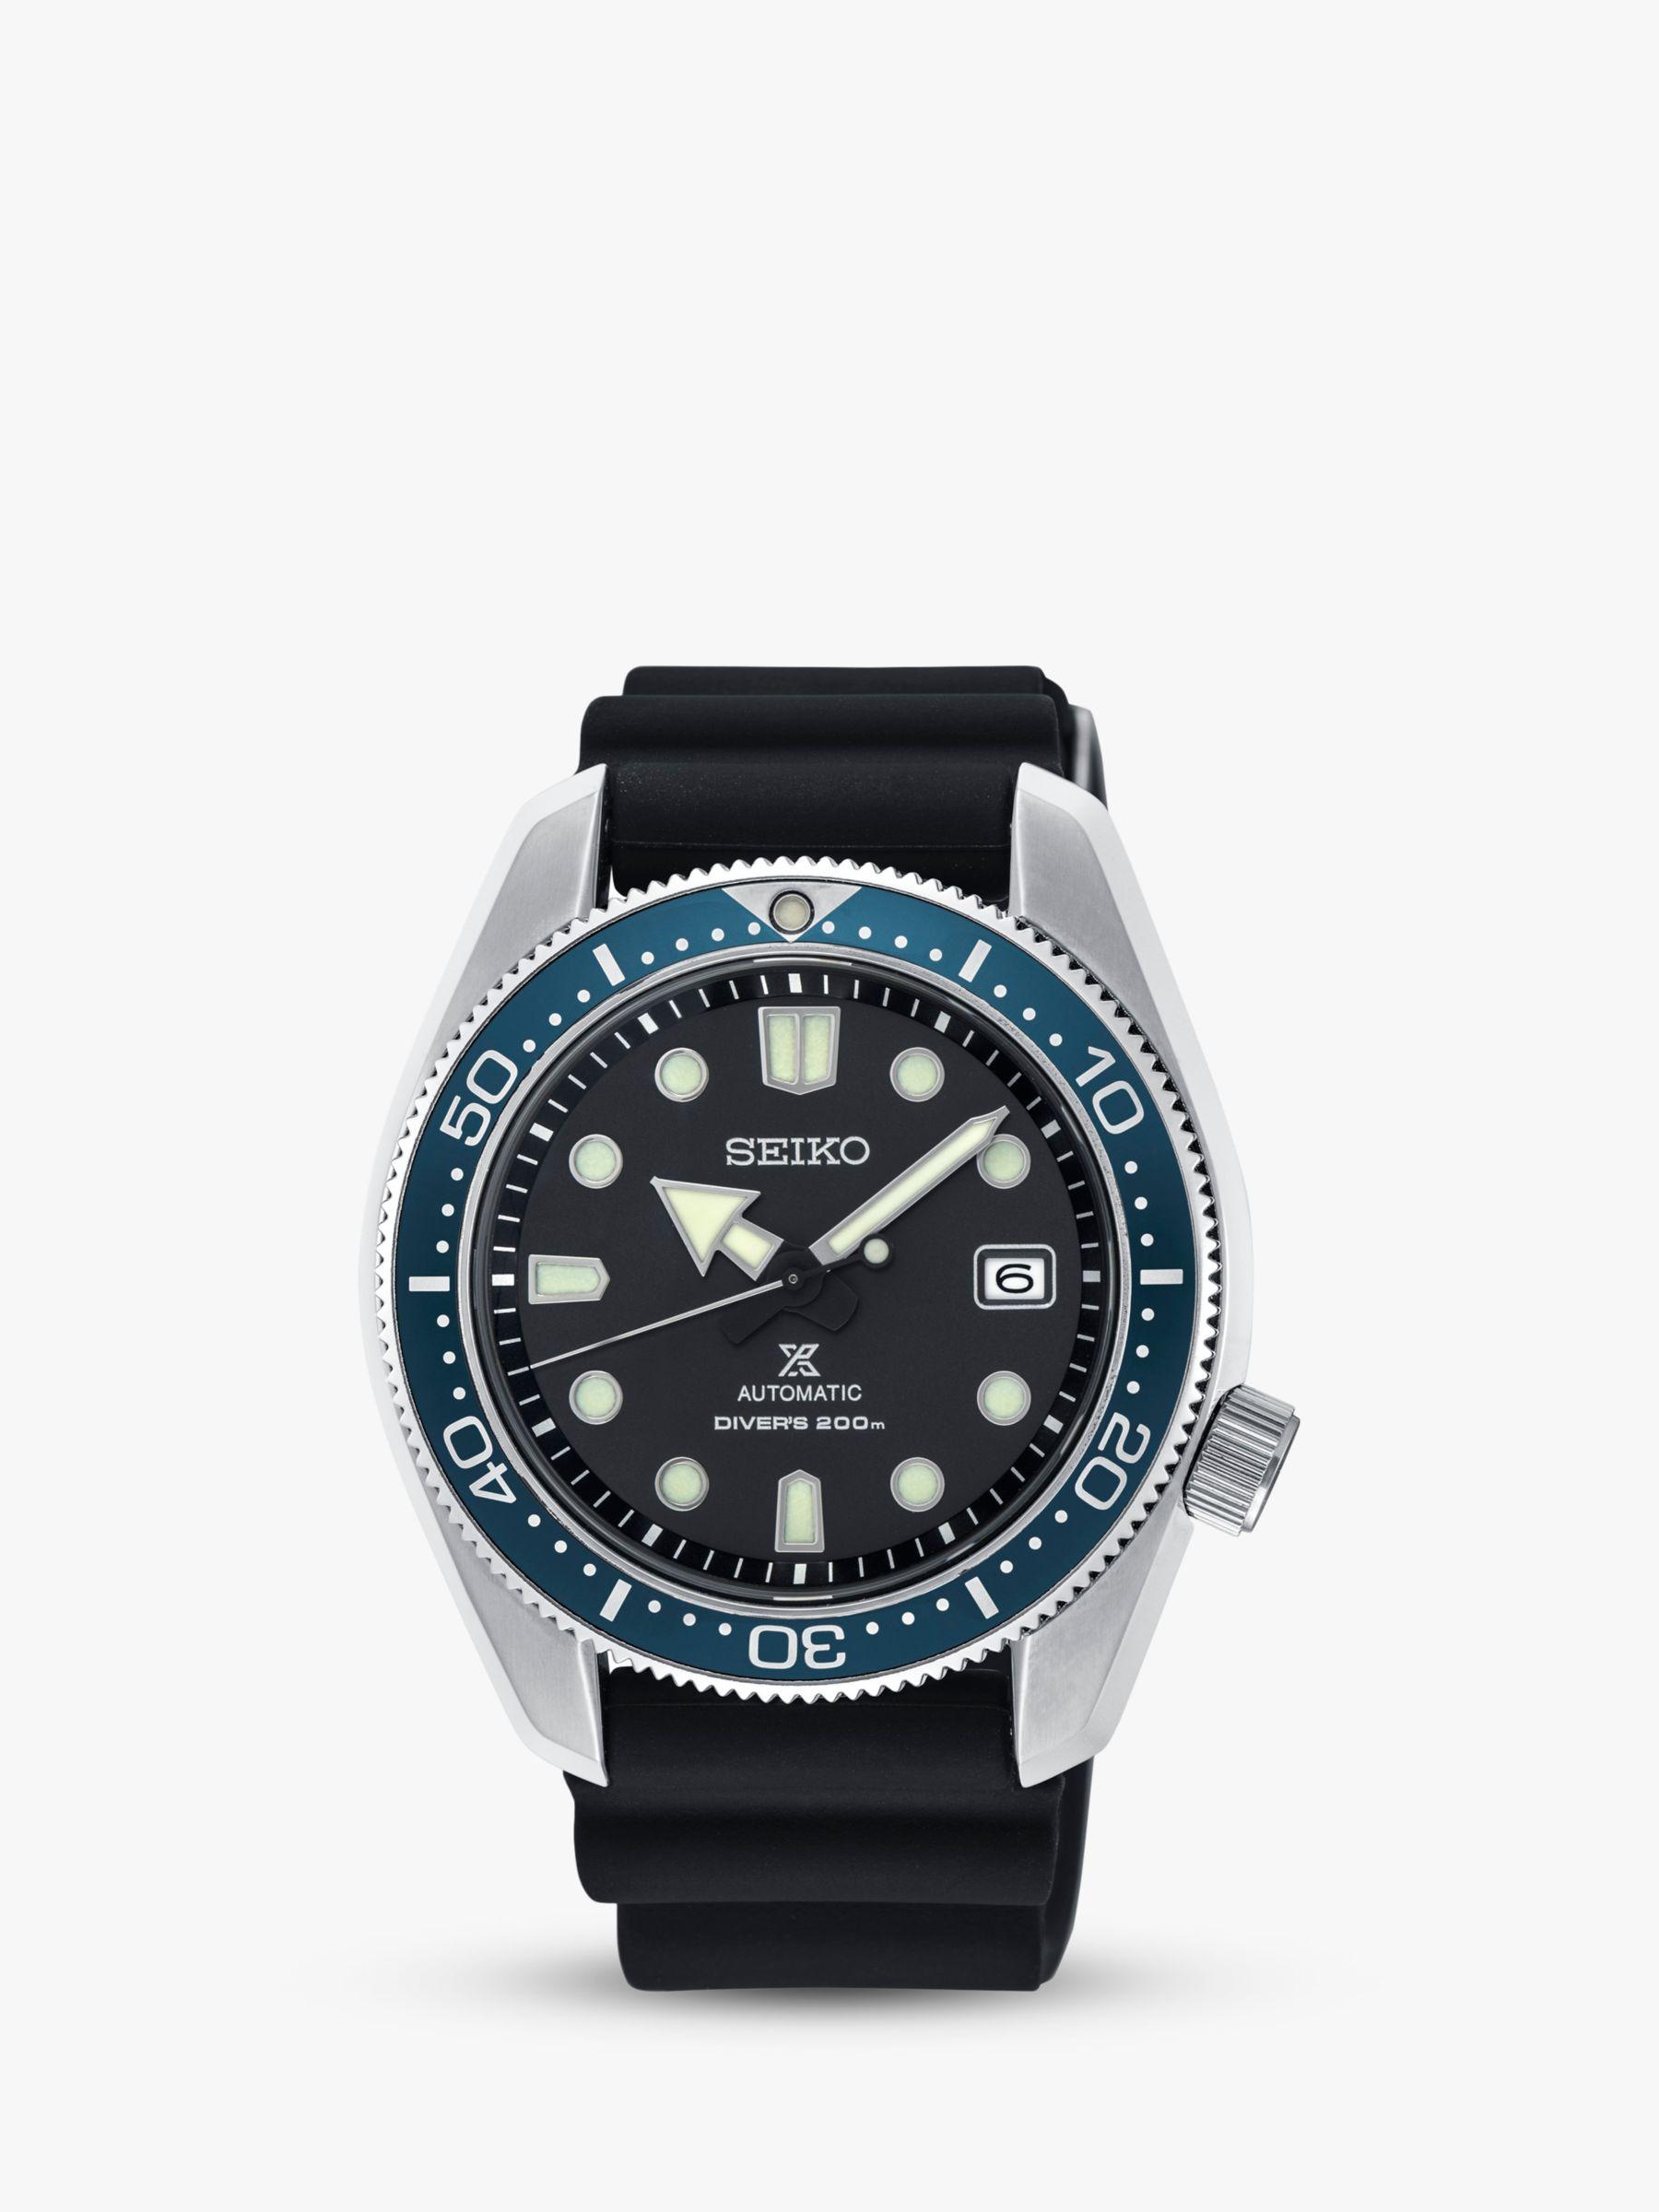 Seiko Seiko SPB079J1 Men's Prospex Divers Automatic Date Silicone Strap Watch, Black